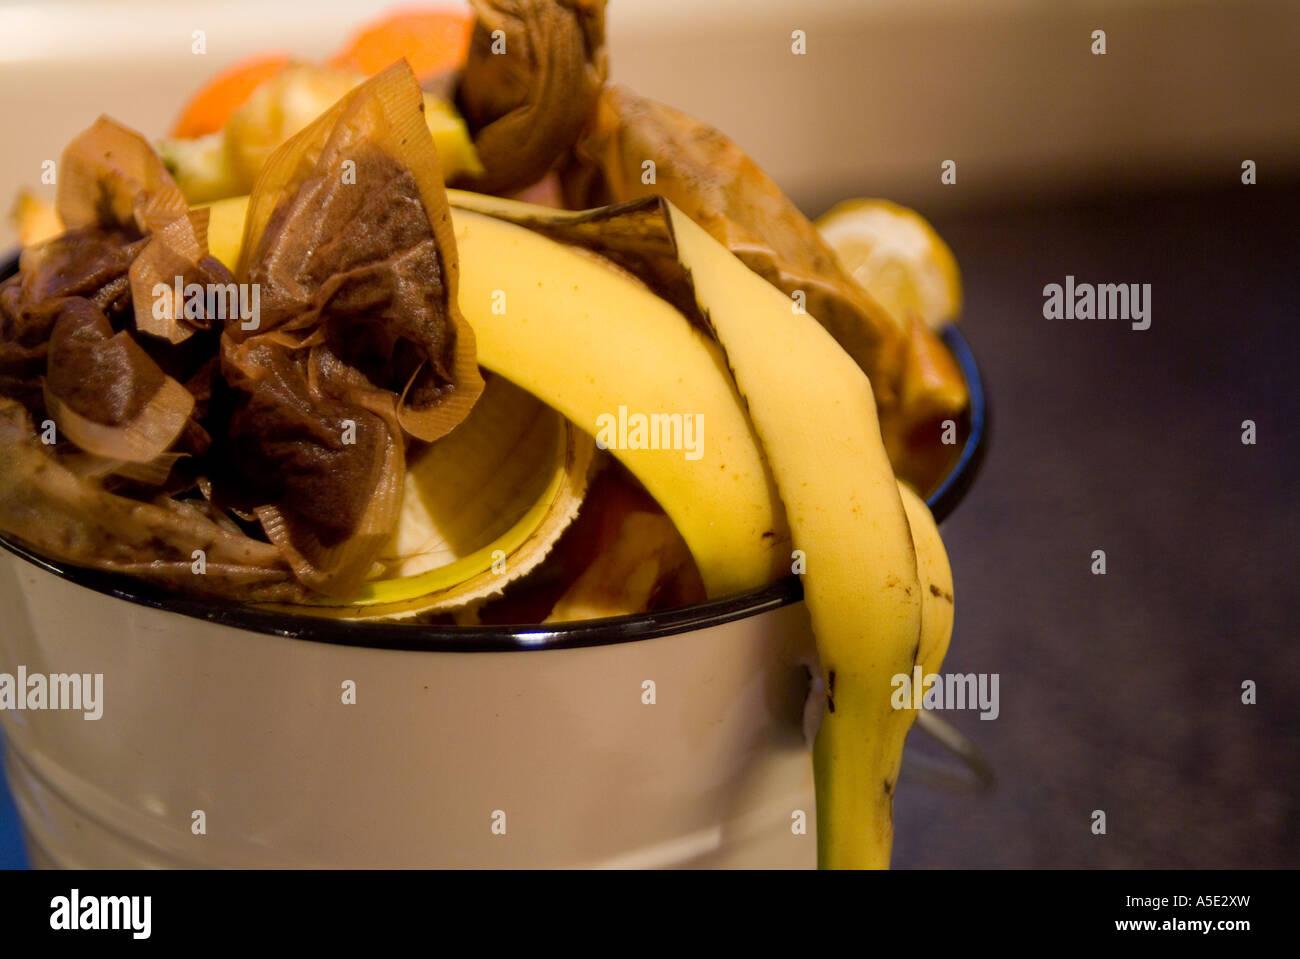 Peel Bucket Stock Photos & Peel Bucket Stock Images - Alamy